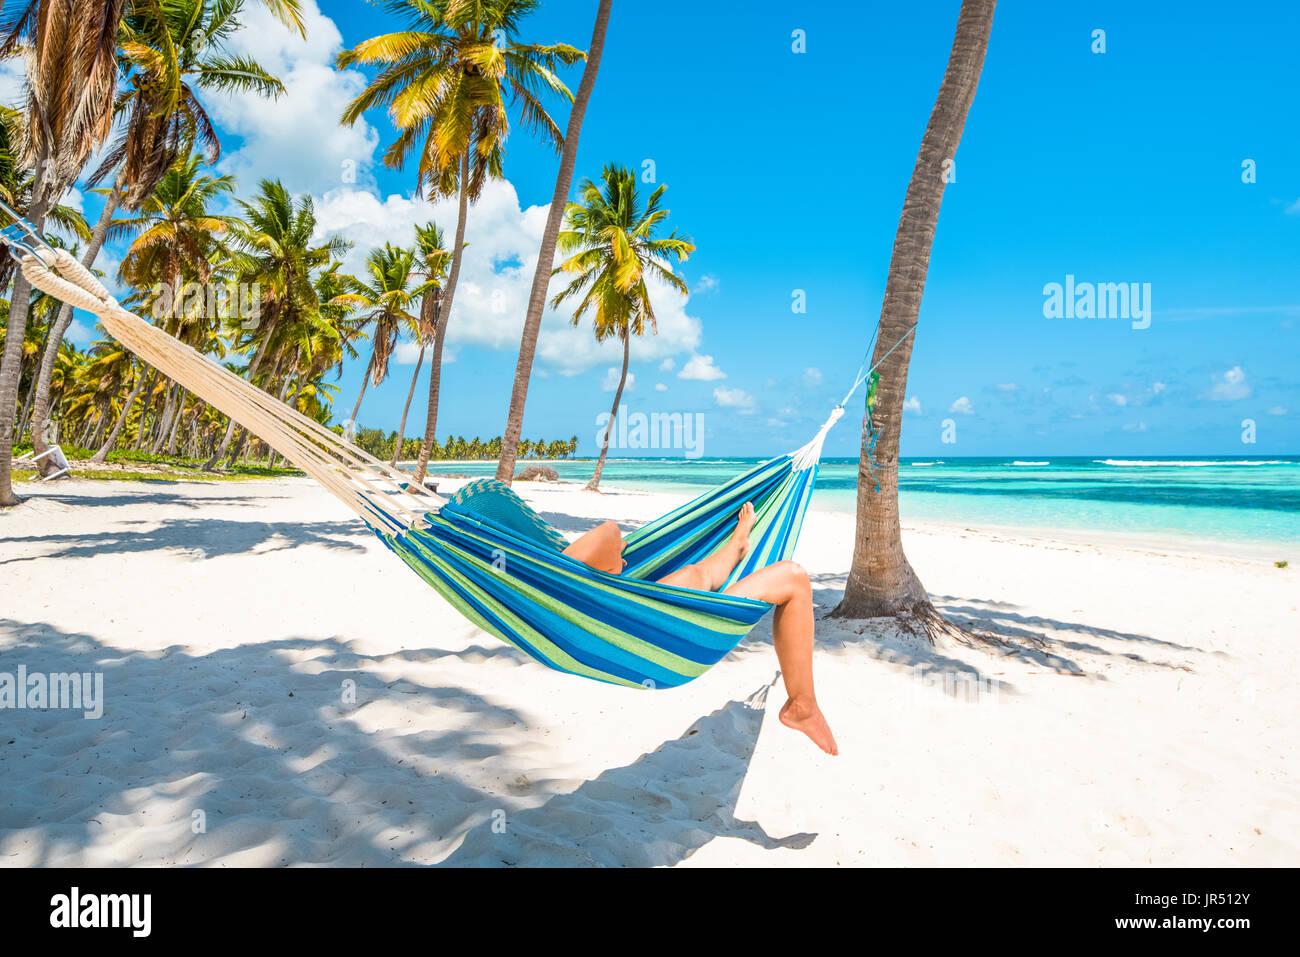 Canto de la Playa, l'île de Saona, à l'Est Parc National (Parque Nacional del Este), la République dominicaine, la mer des Caraïbes. Femme de vous détendre sur un hamac. Photo Stock